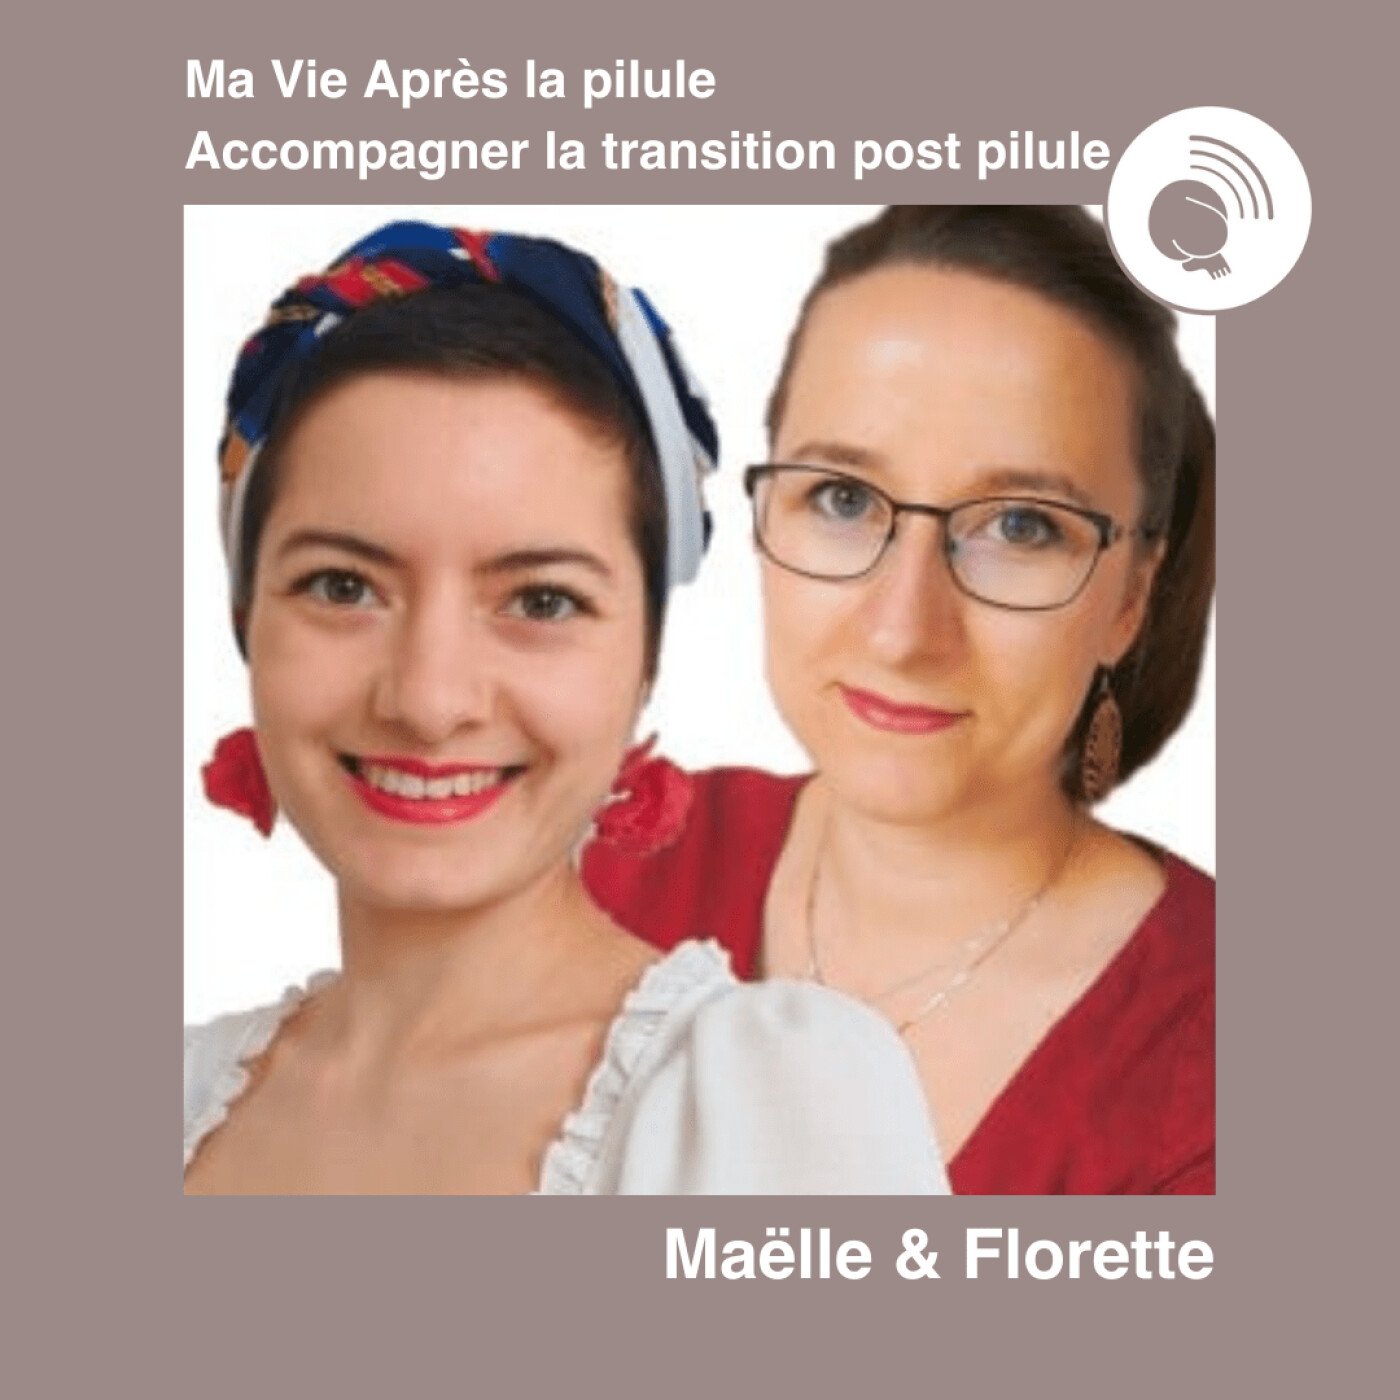 #42 - Maëlle & Florette : Ma Vie Après la Pilule